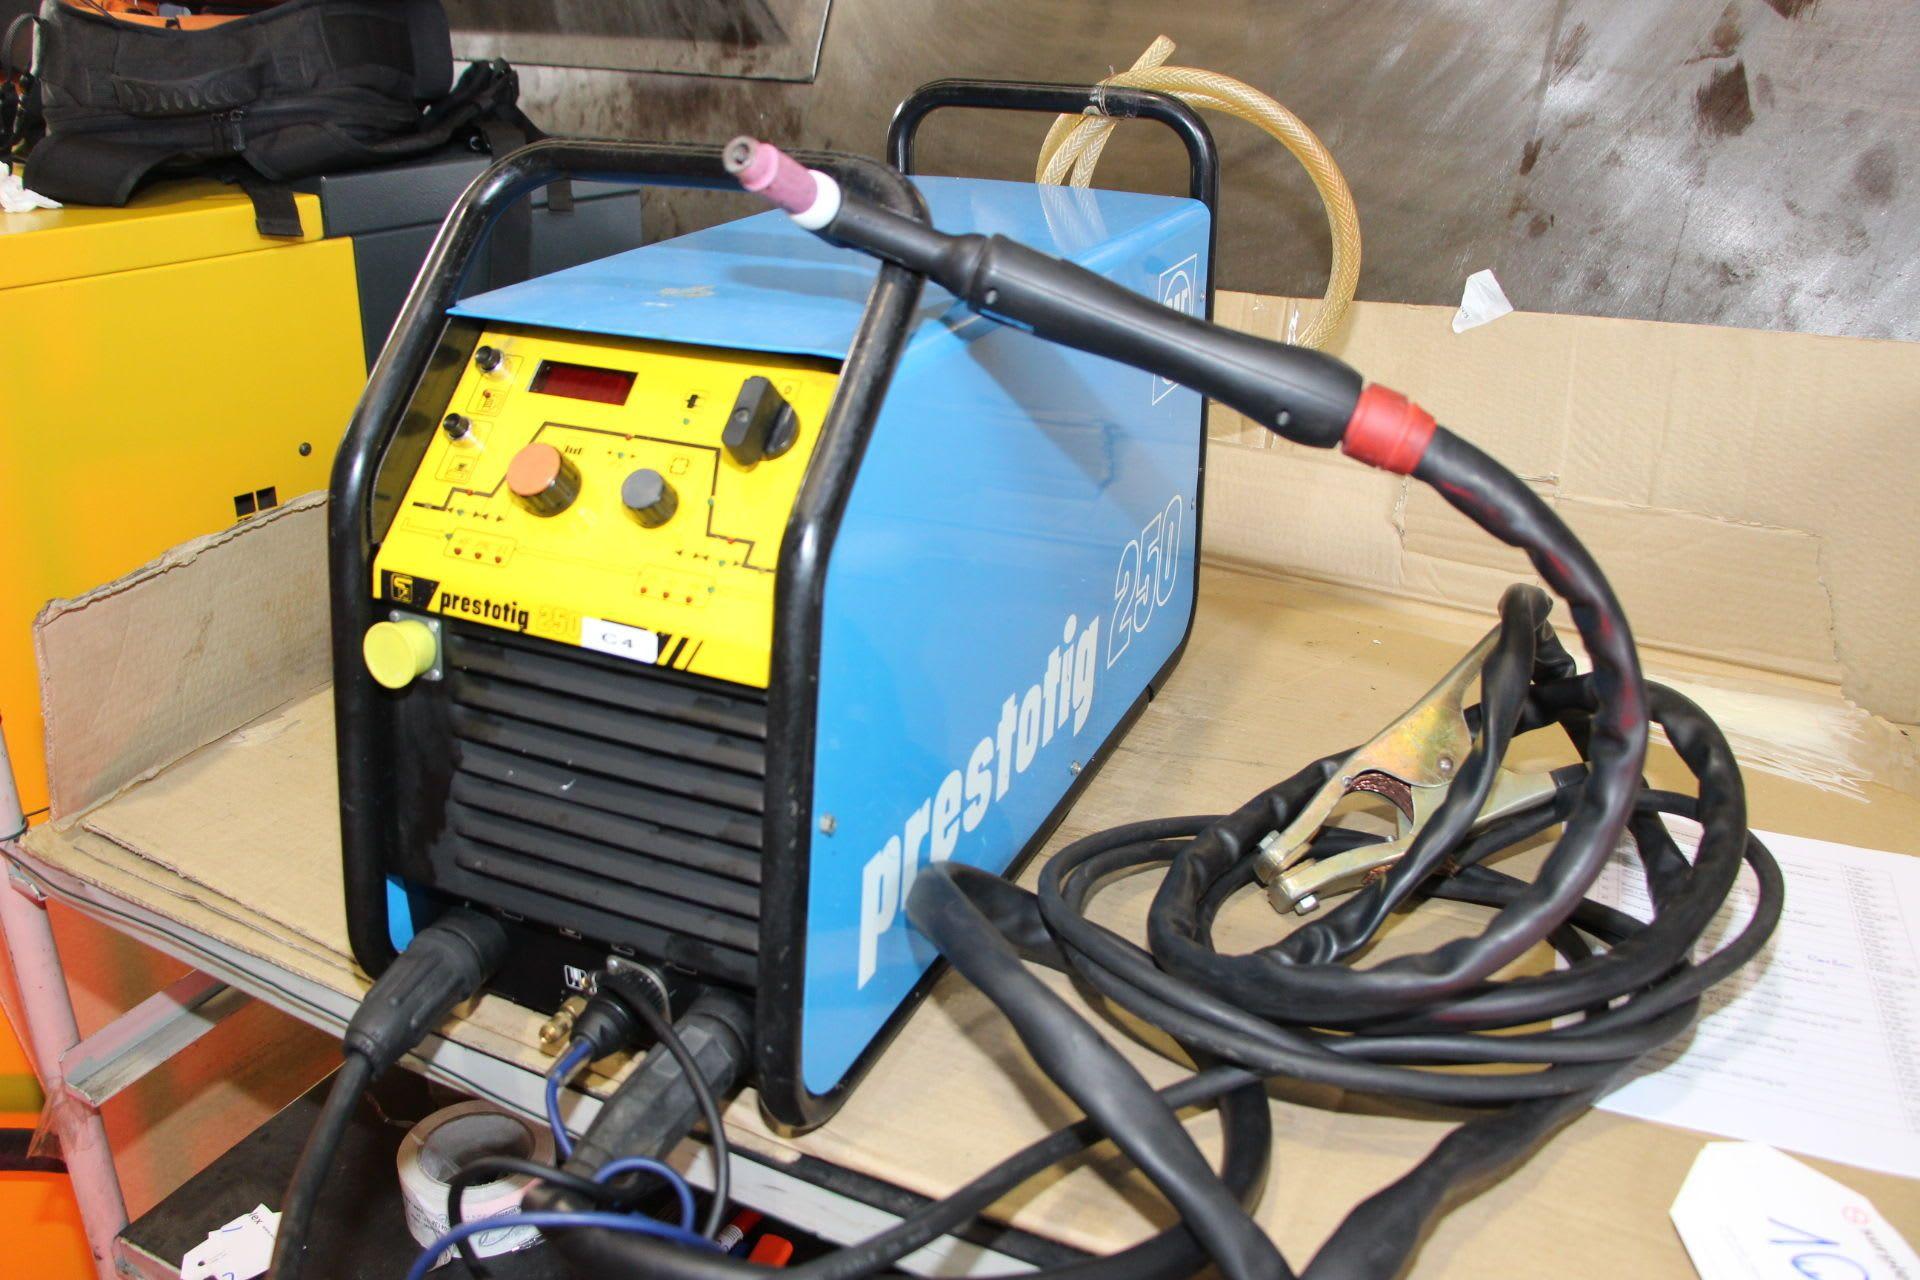 SAF PRESTOTIG 250 Tig-Schweißmaschine